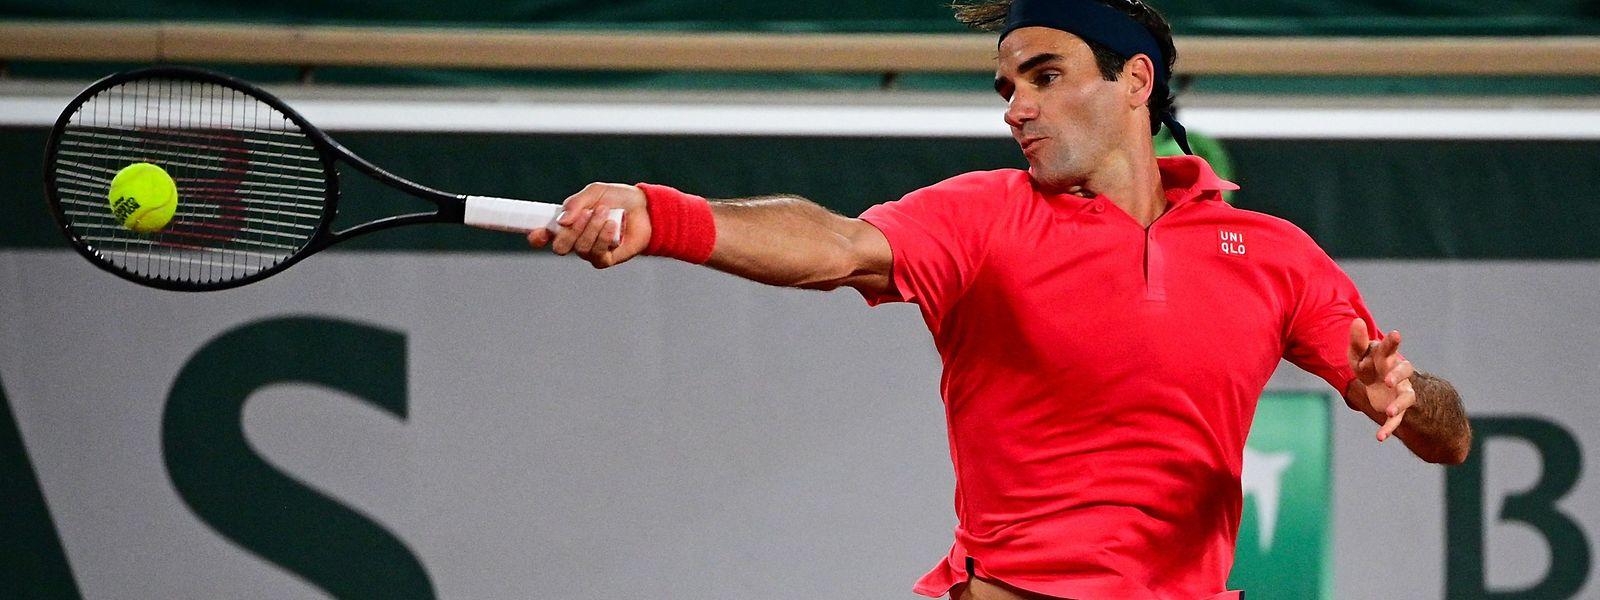 Roger Federer tritt nicht im Achtelfinale an.